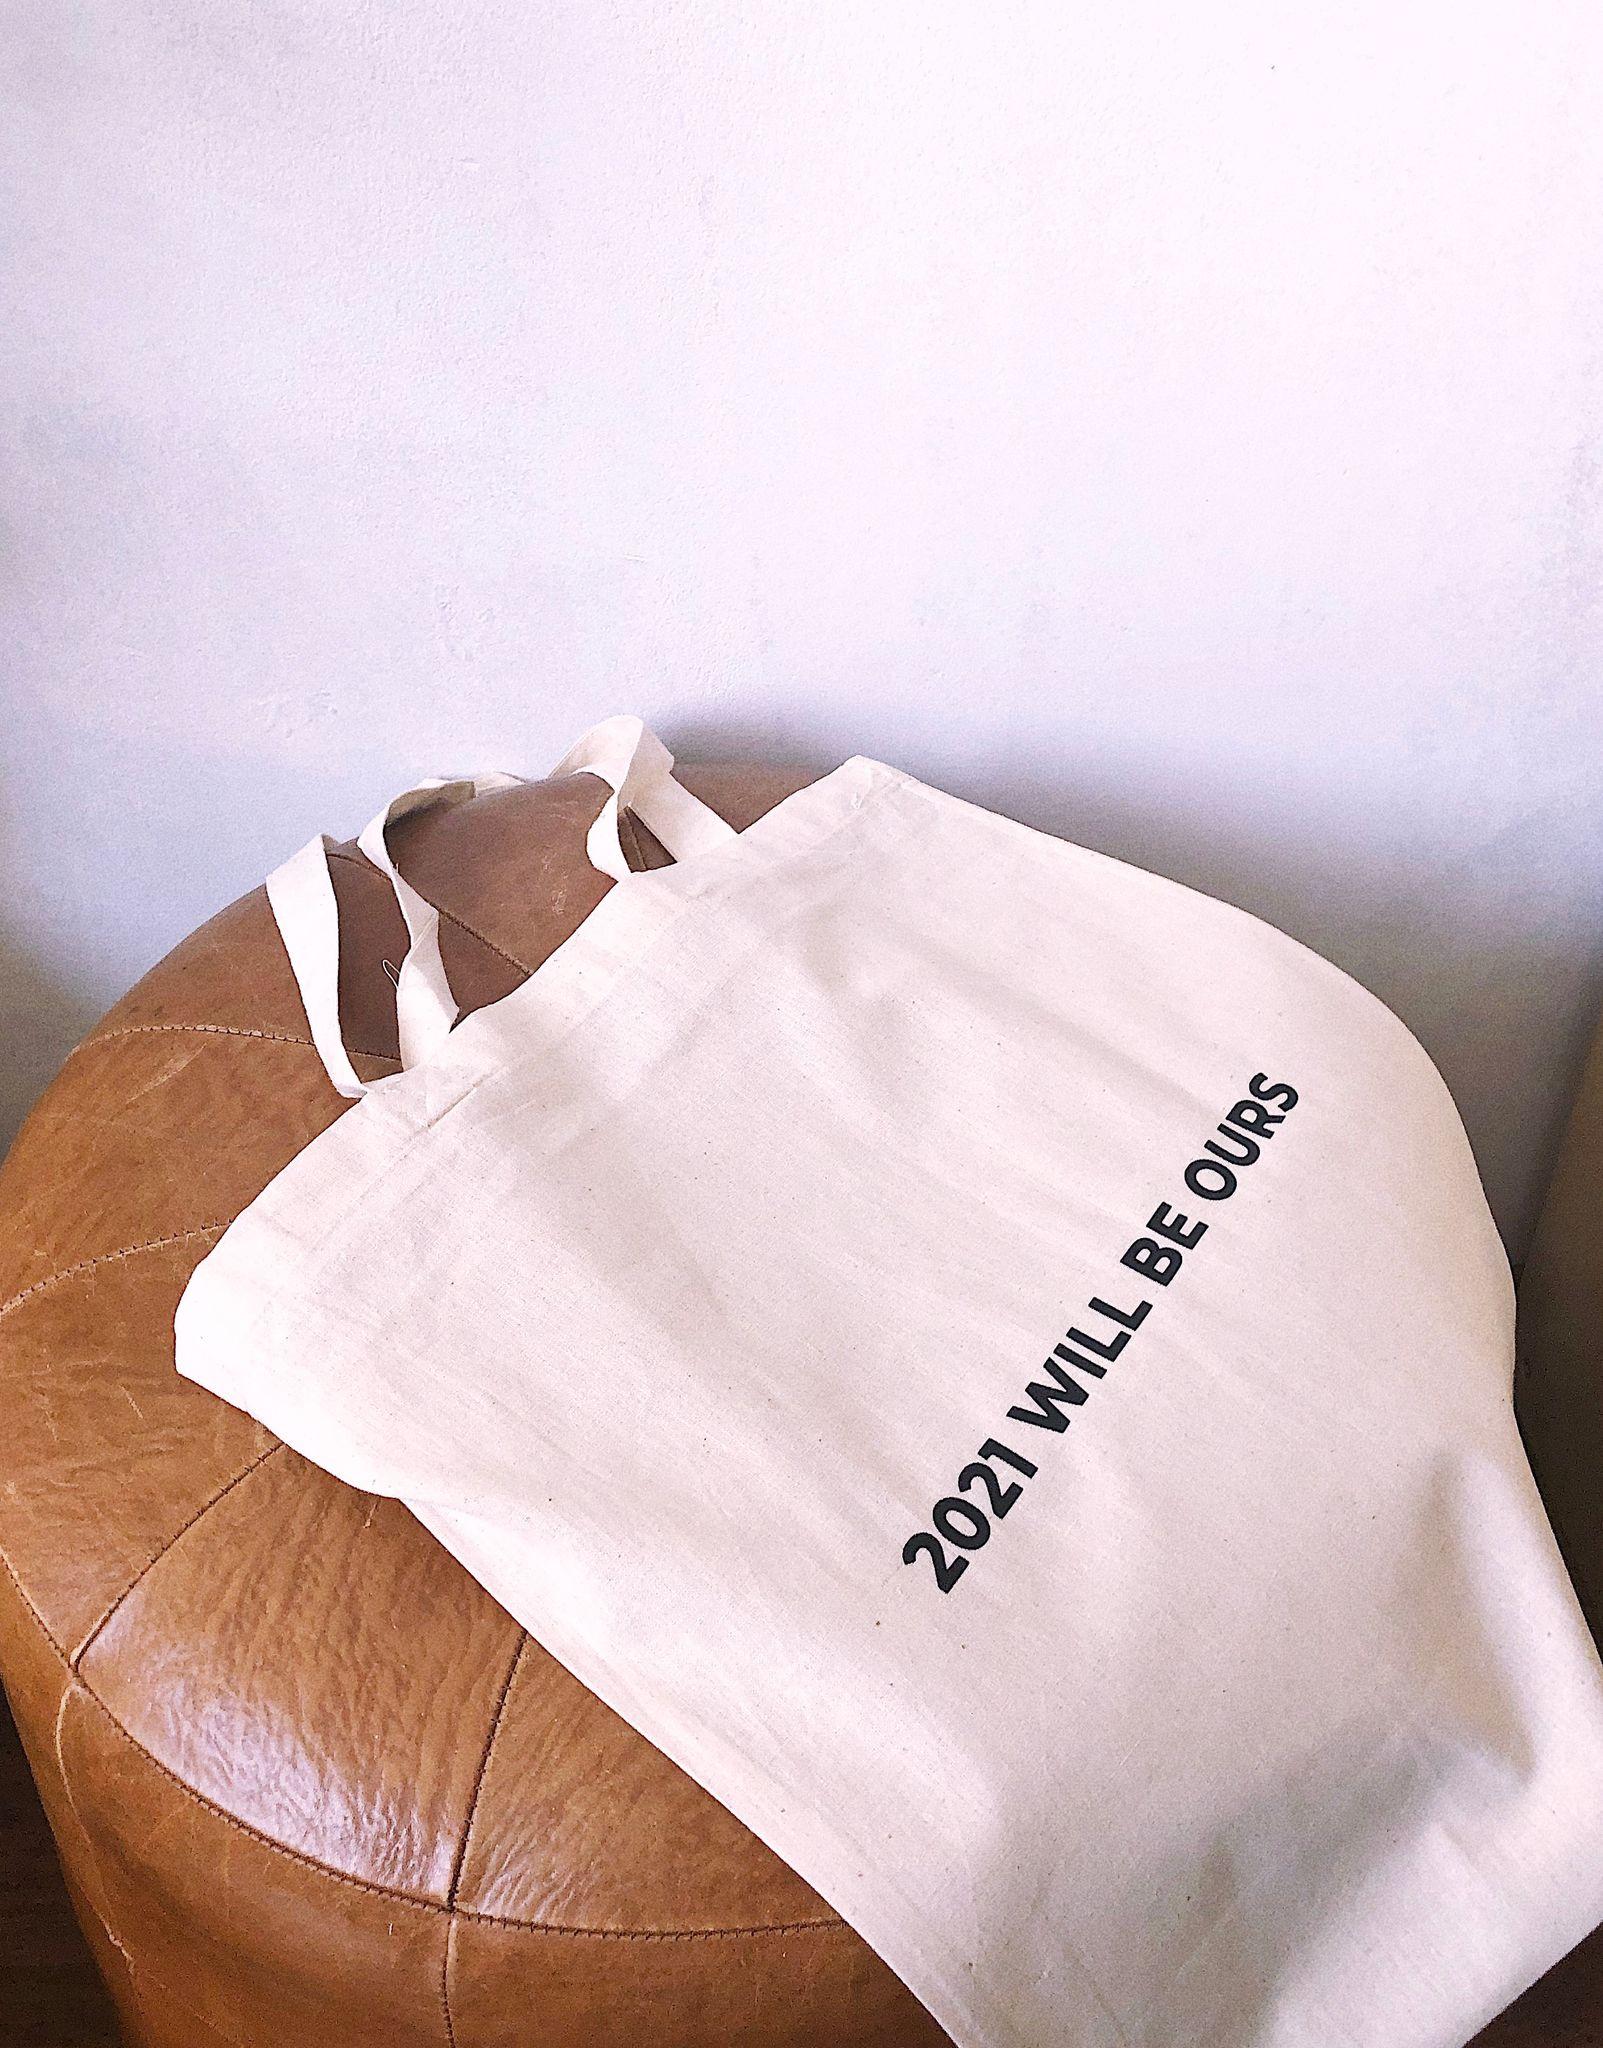 2021 Cotton Bag torba bawełniania na zakupy - whysoserious